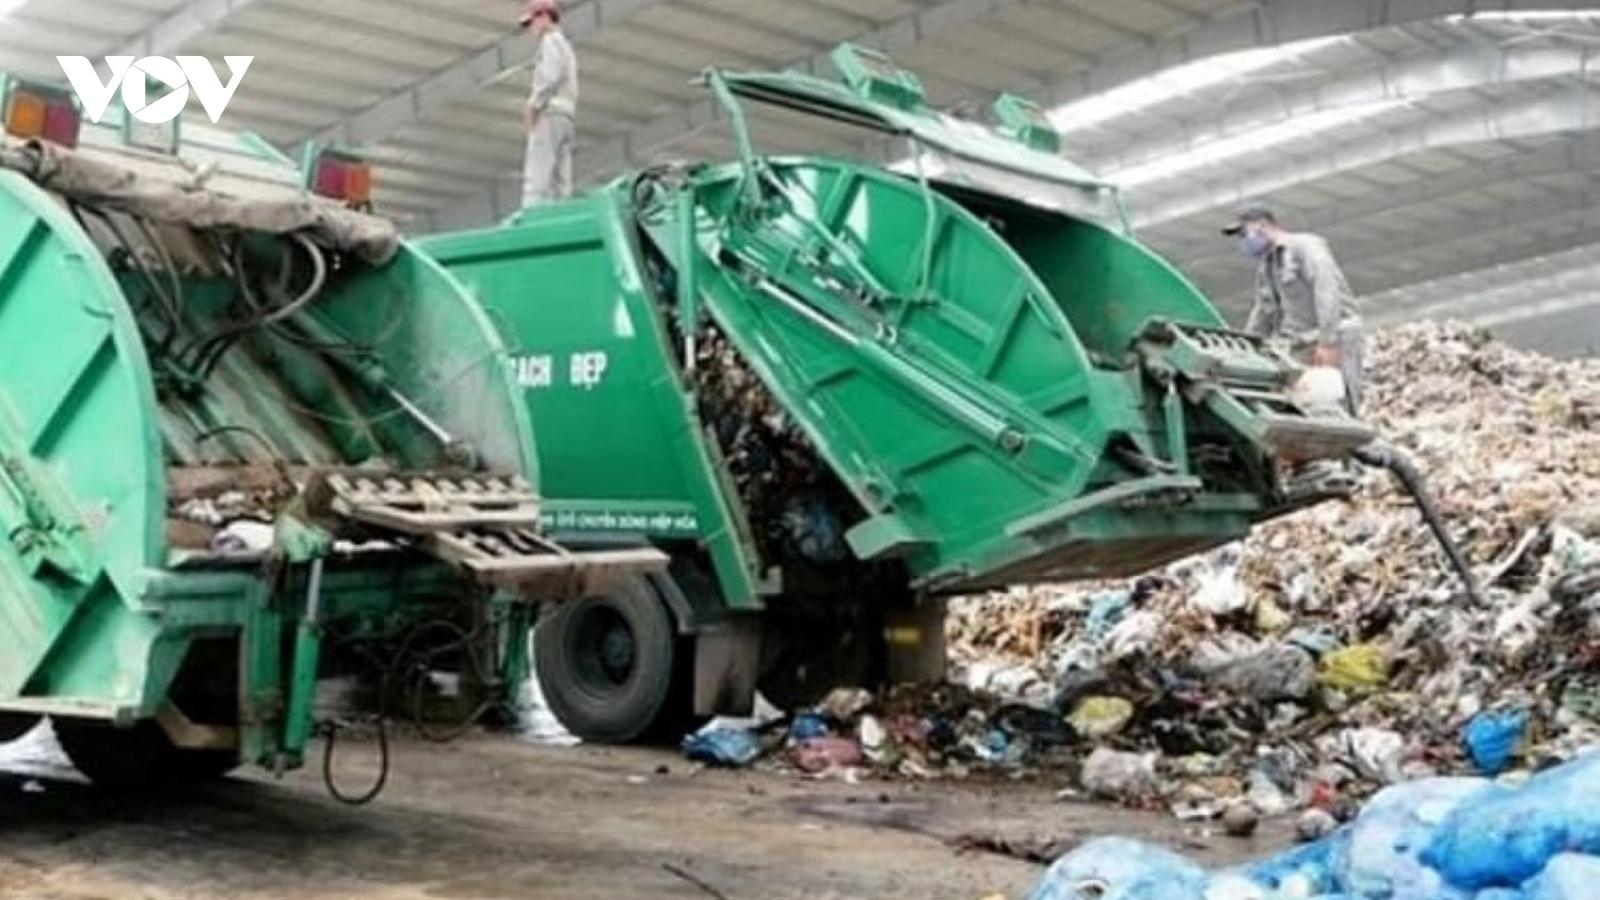 Quảng Ngãi: Người dân đã đồng ý để xe chở rác vào bãi